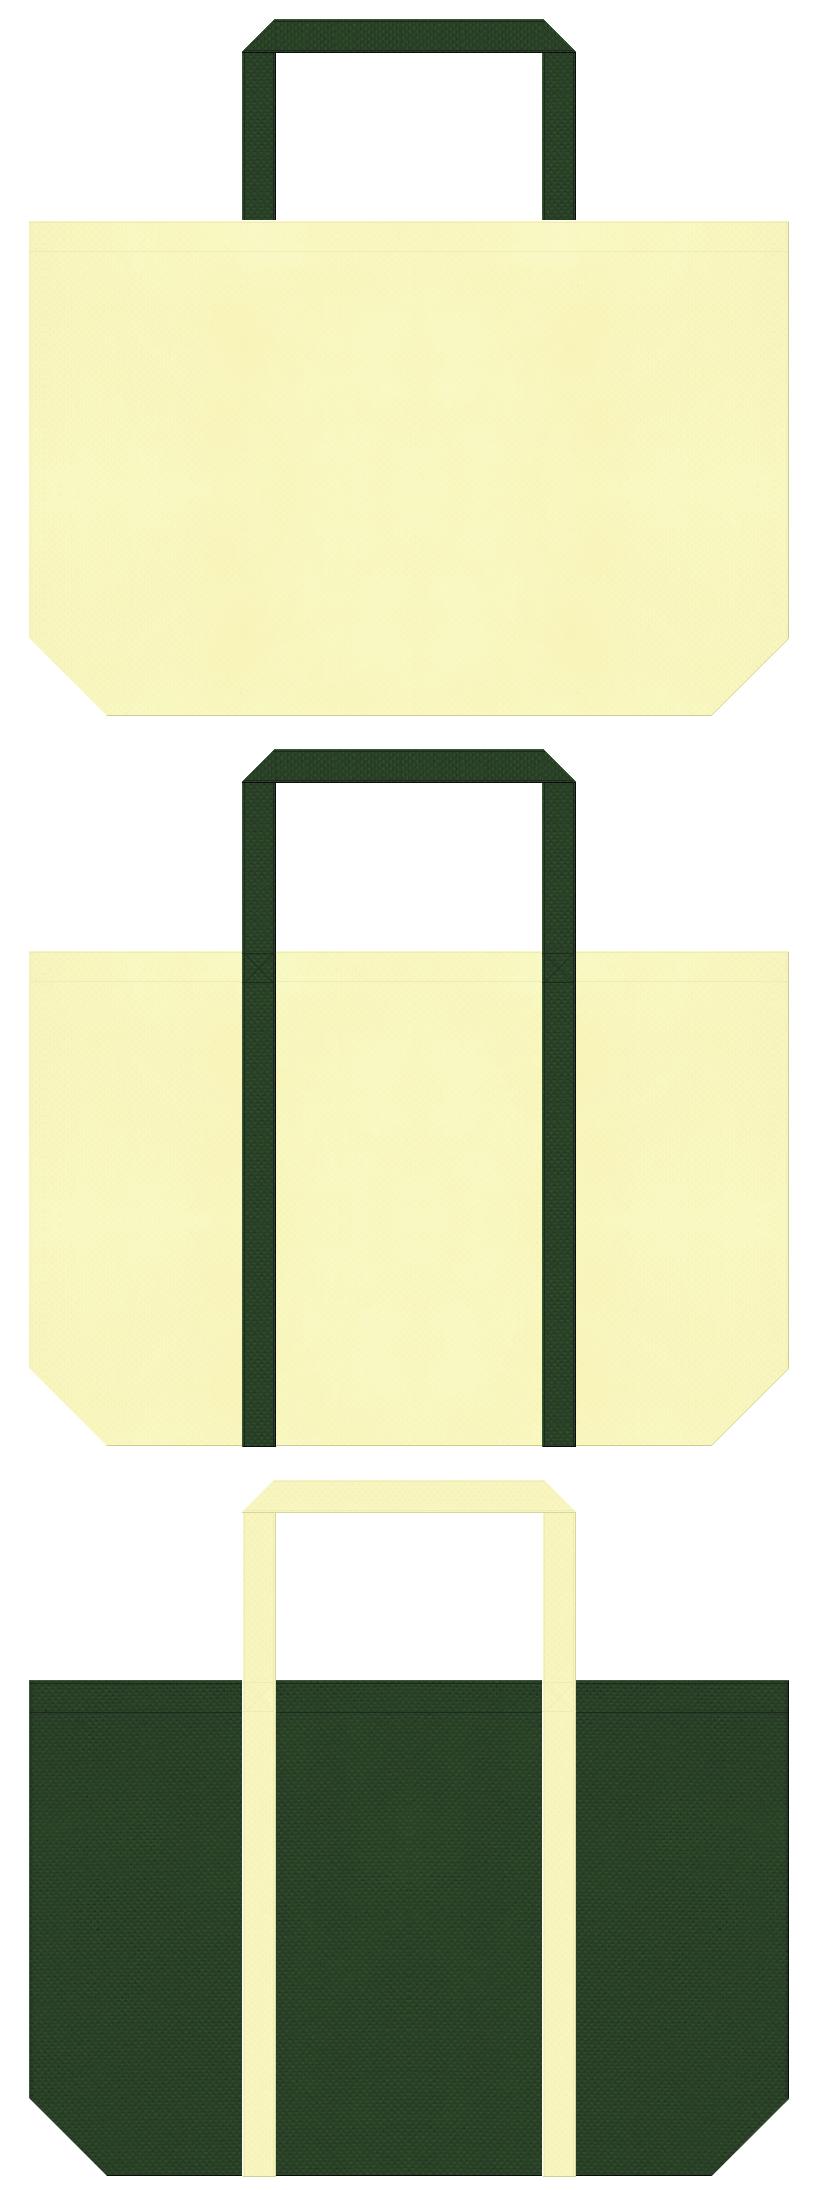 学校・オープンキャンパス・学習塾・レッスンバッグ・きゅうり・へちま・ランタン・懐中電灯・照明器具・登山・キャンプ・アウトドア用品・和風催事・和菓子にお奨めの不織布バッグデザイン:薄黄色と濃緑色のコーデ